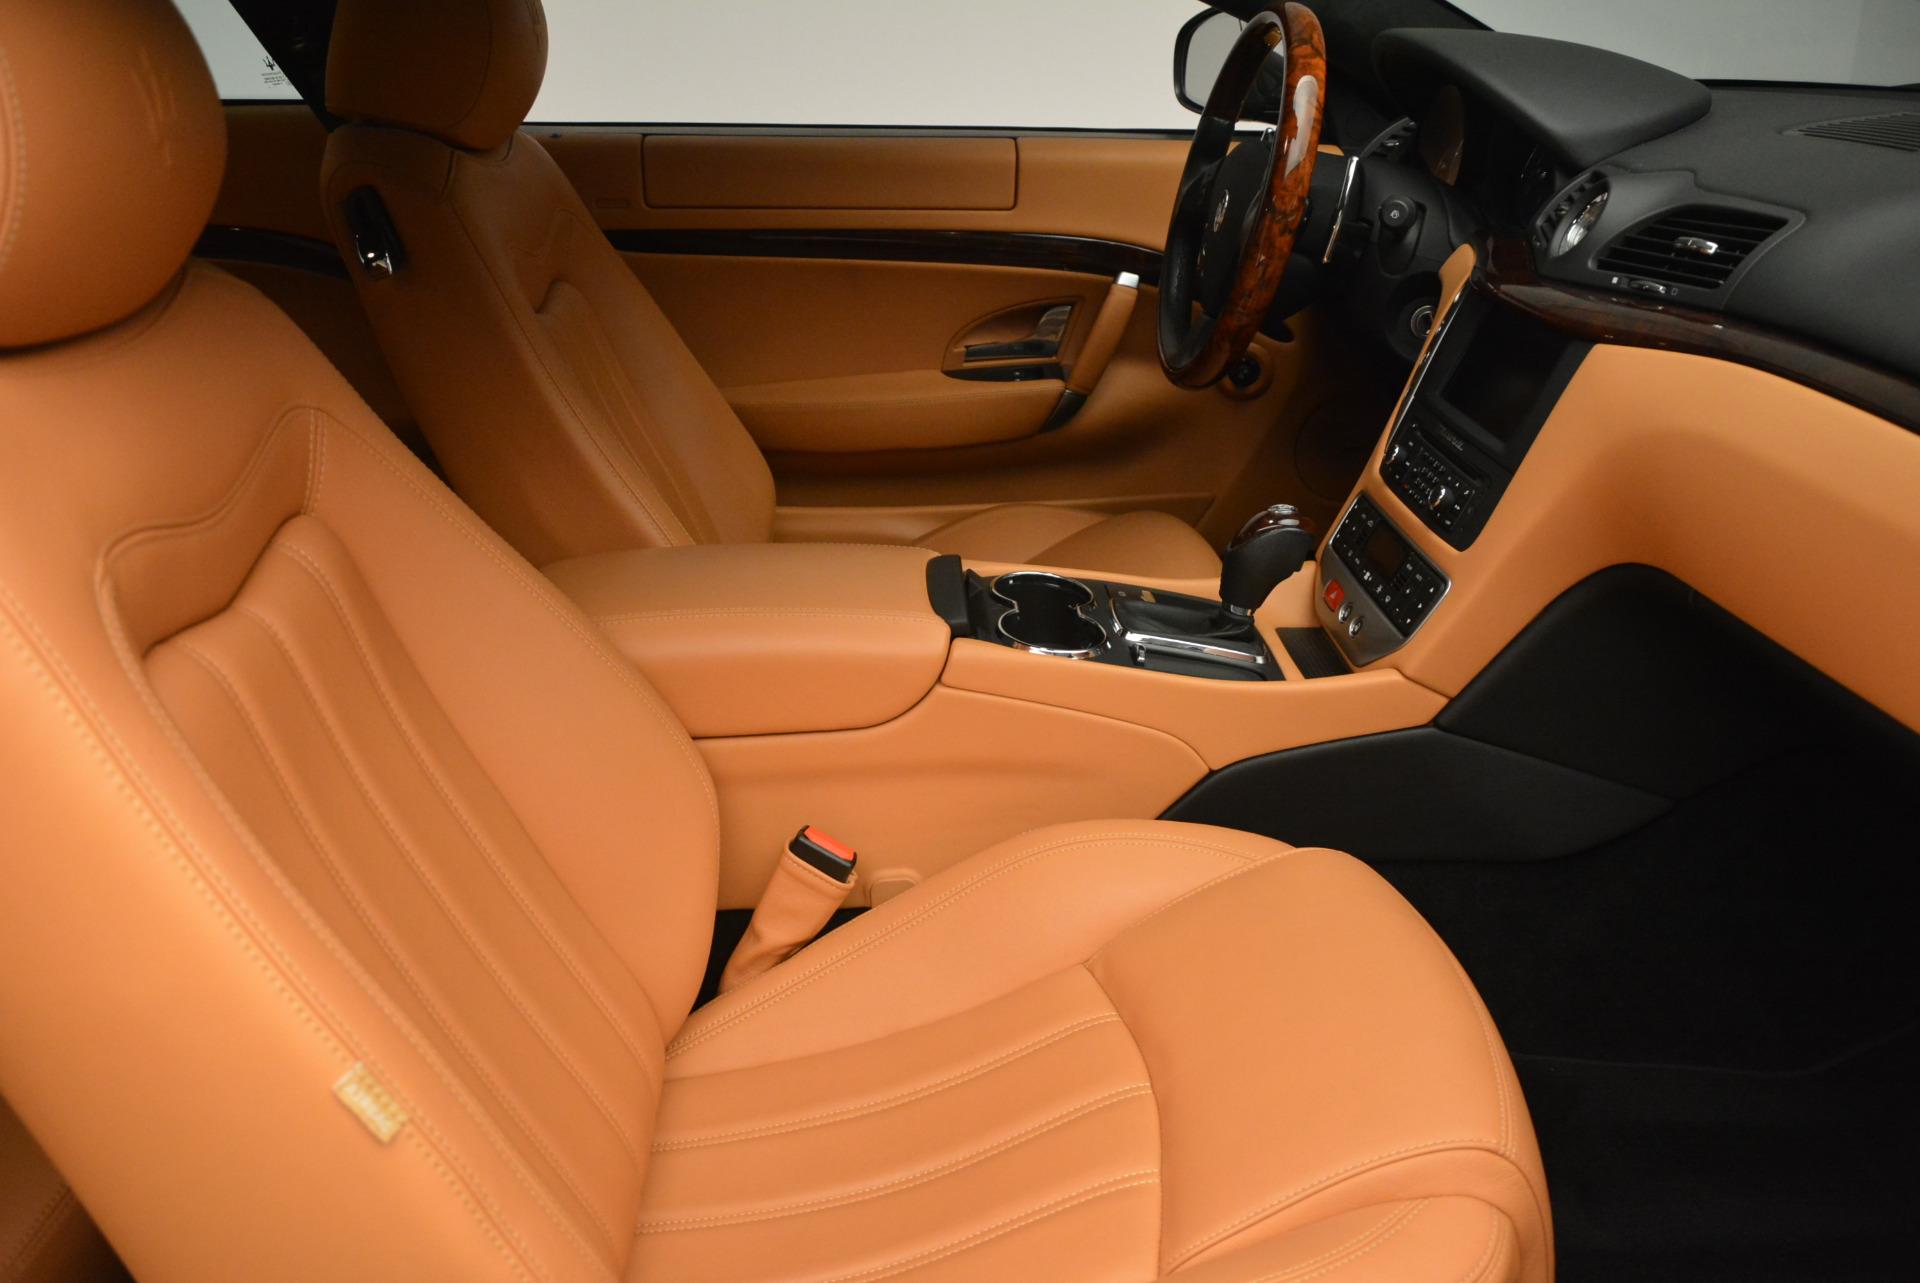 Used 2011 Maserati GranTurismo  For Sale In Greenwich, CT. Alfa Romeo of Greenwich, 7128 816_p19